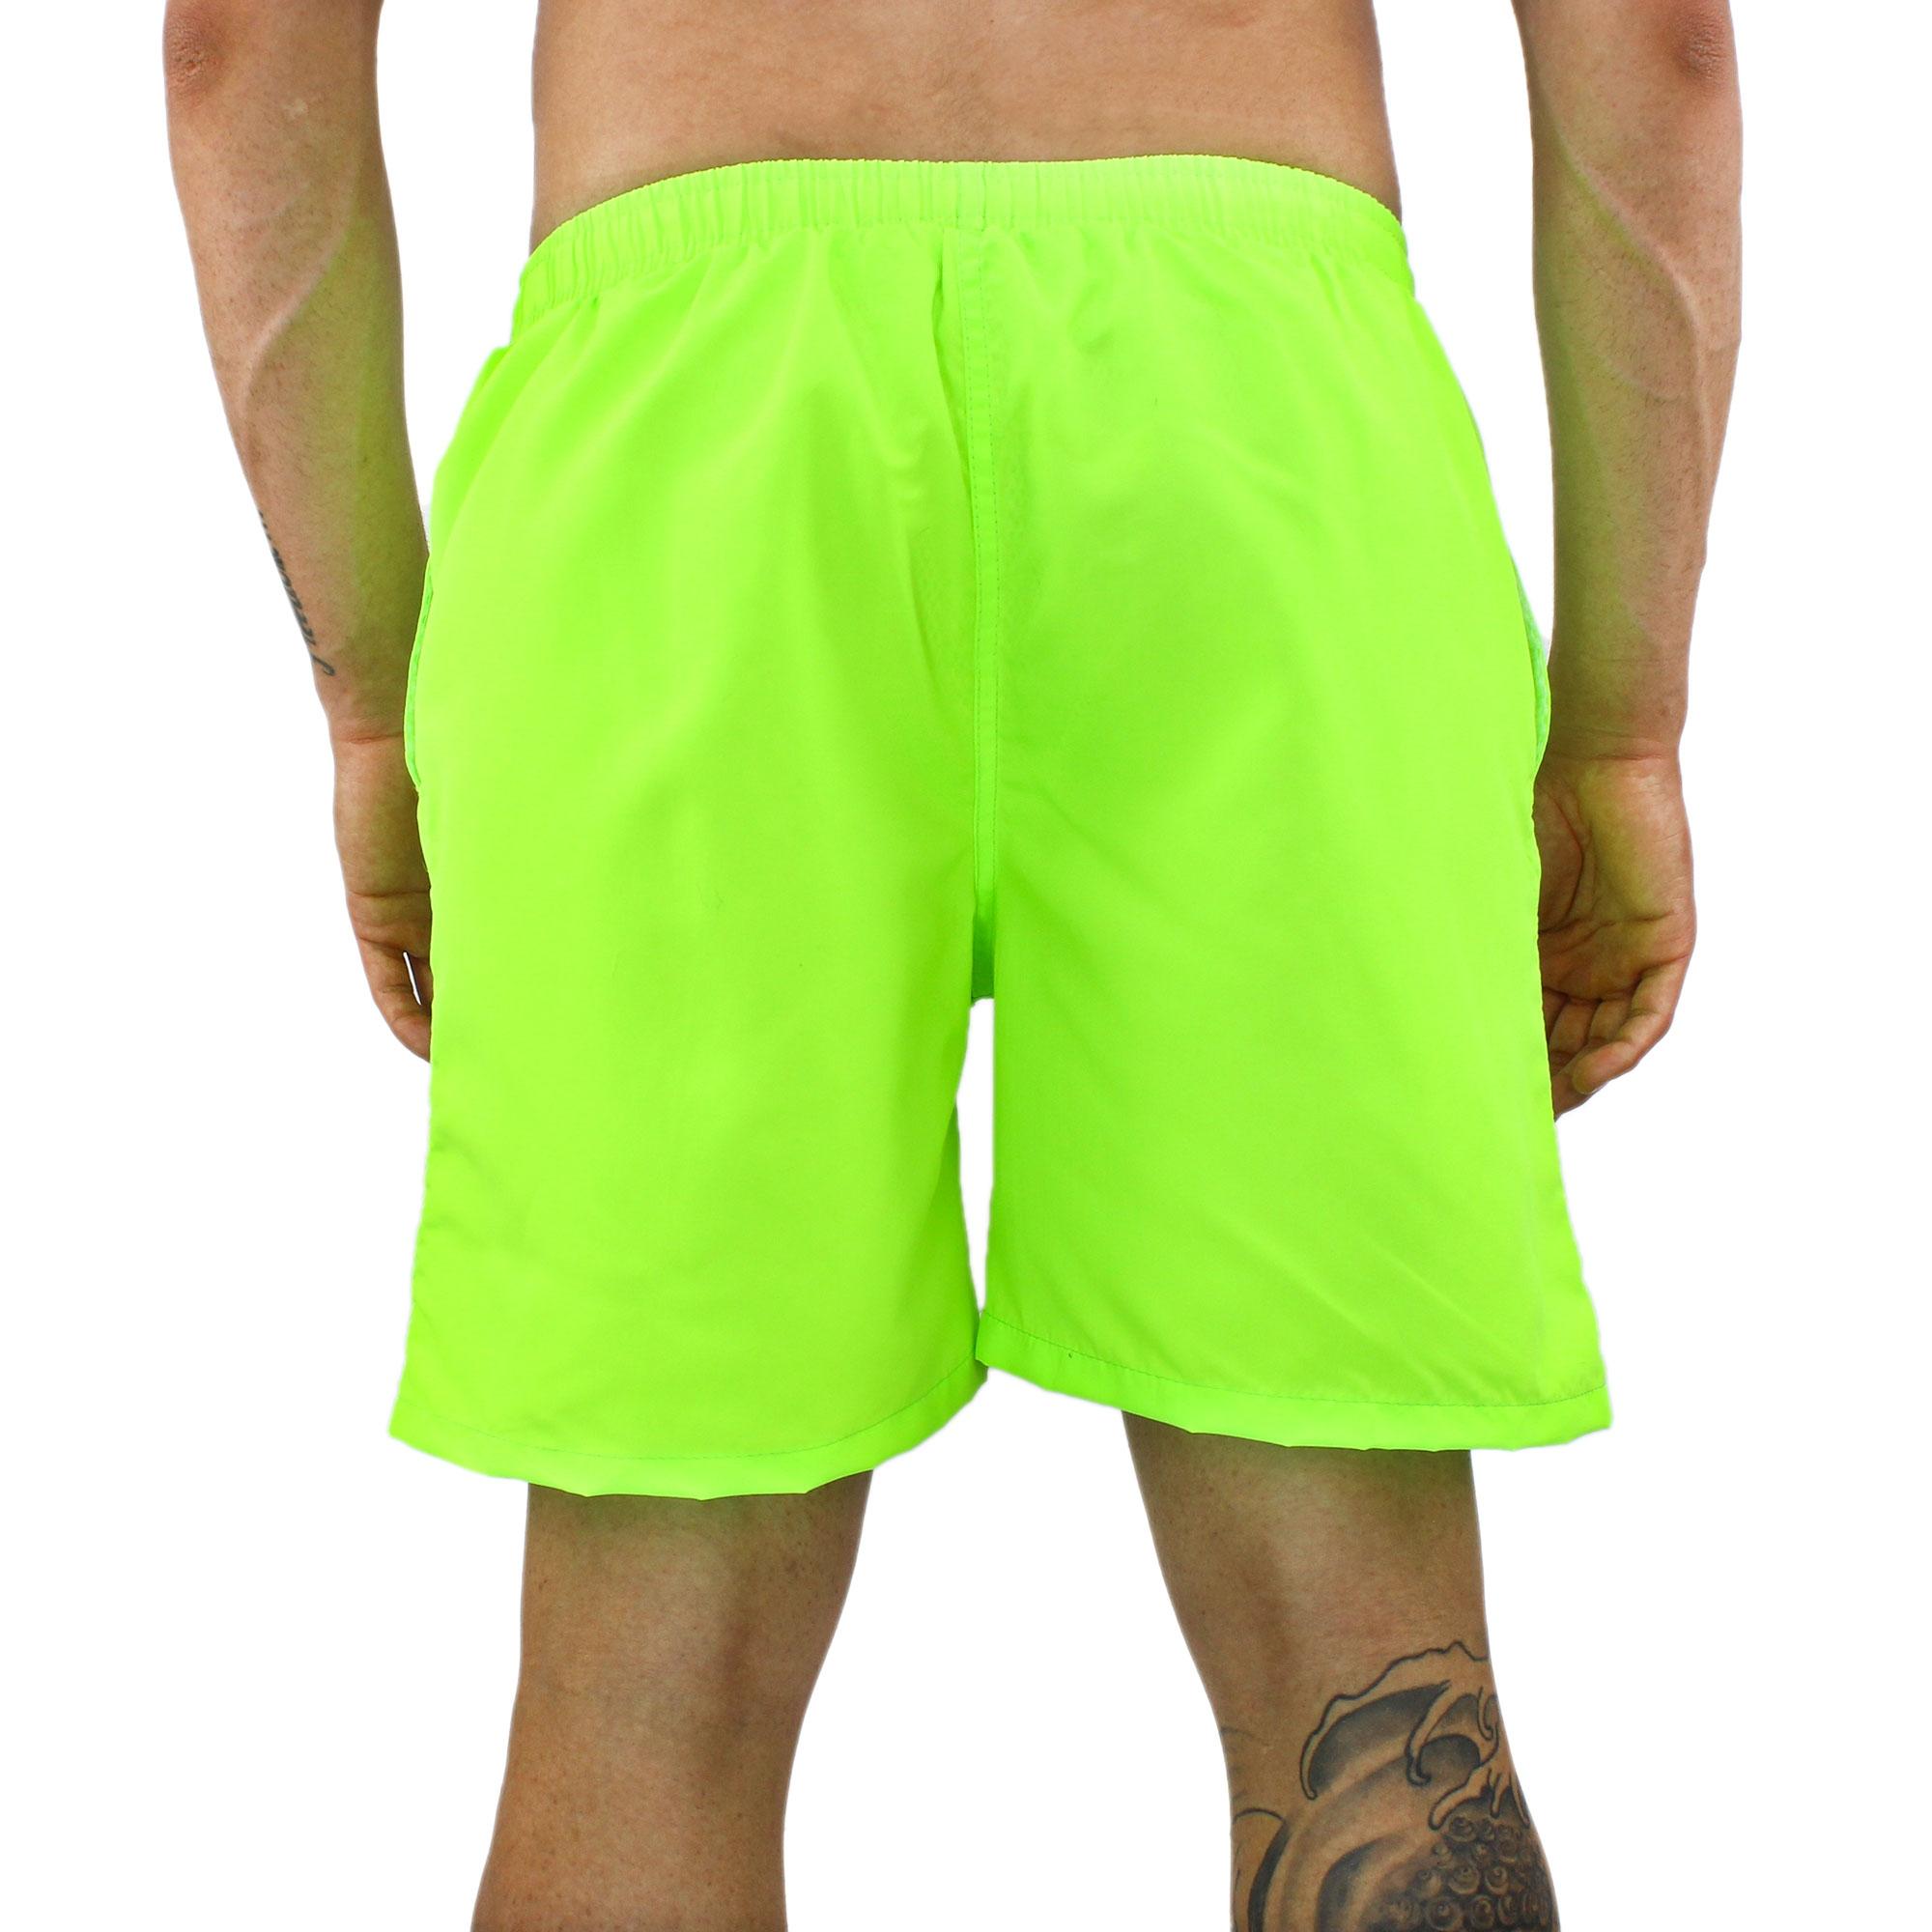 miniatura 22 - Swimwear Man Che Cambia Colour Magik Fantasy Anchors